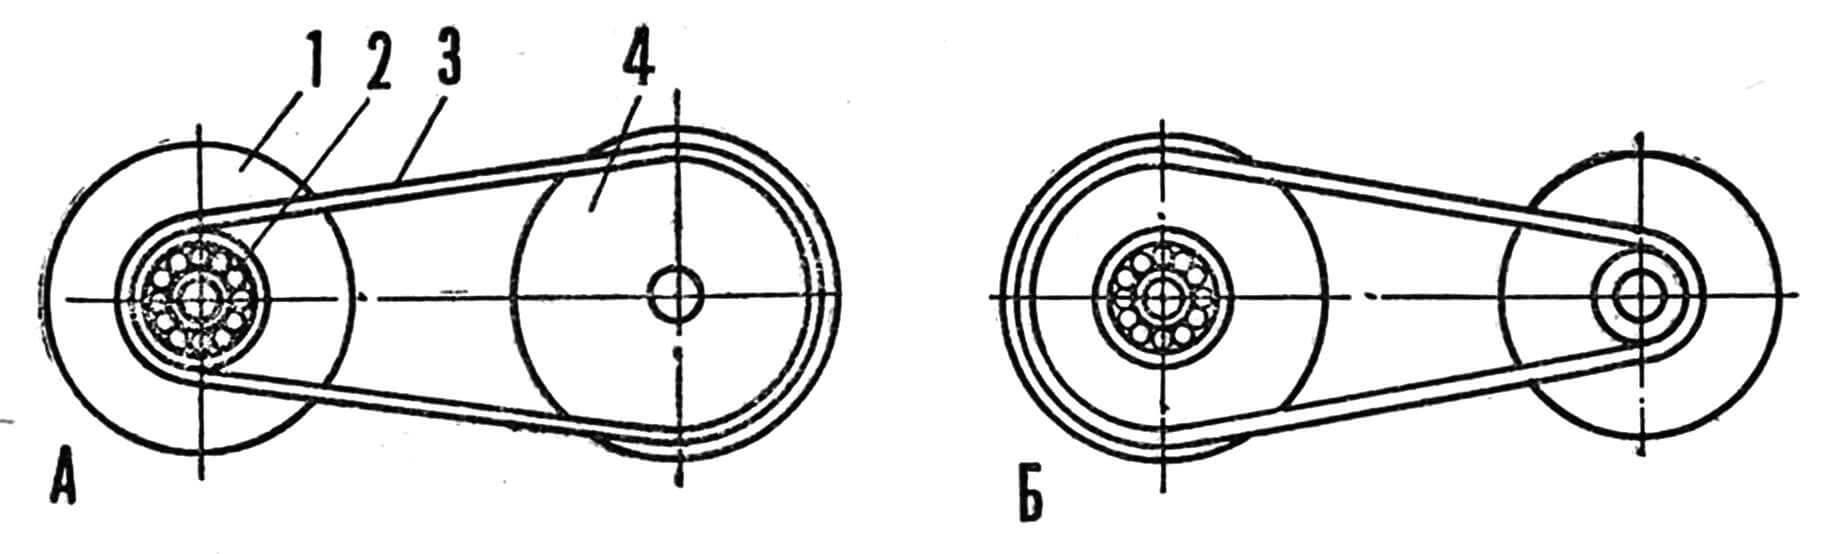 Рис. 2. Схема работы клиноременного вариатора: А — положение холостого хода, Б — положение максимальных оборотов. 1 — ведущий шкив вариатора, 2 — шариковый подшипник, 3 — клиновидный ремень, 4 — ведомый шкив вариатора.